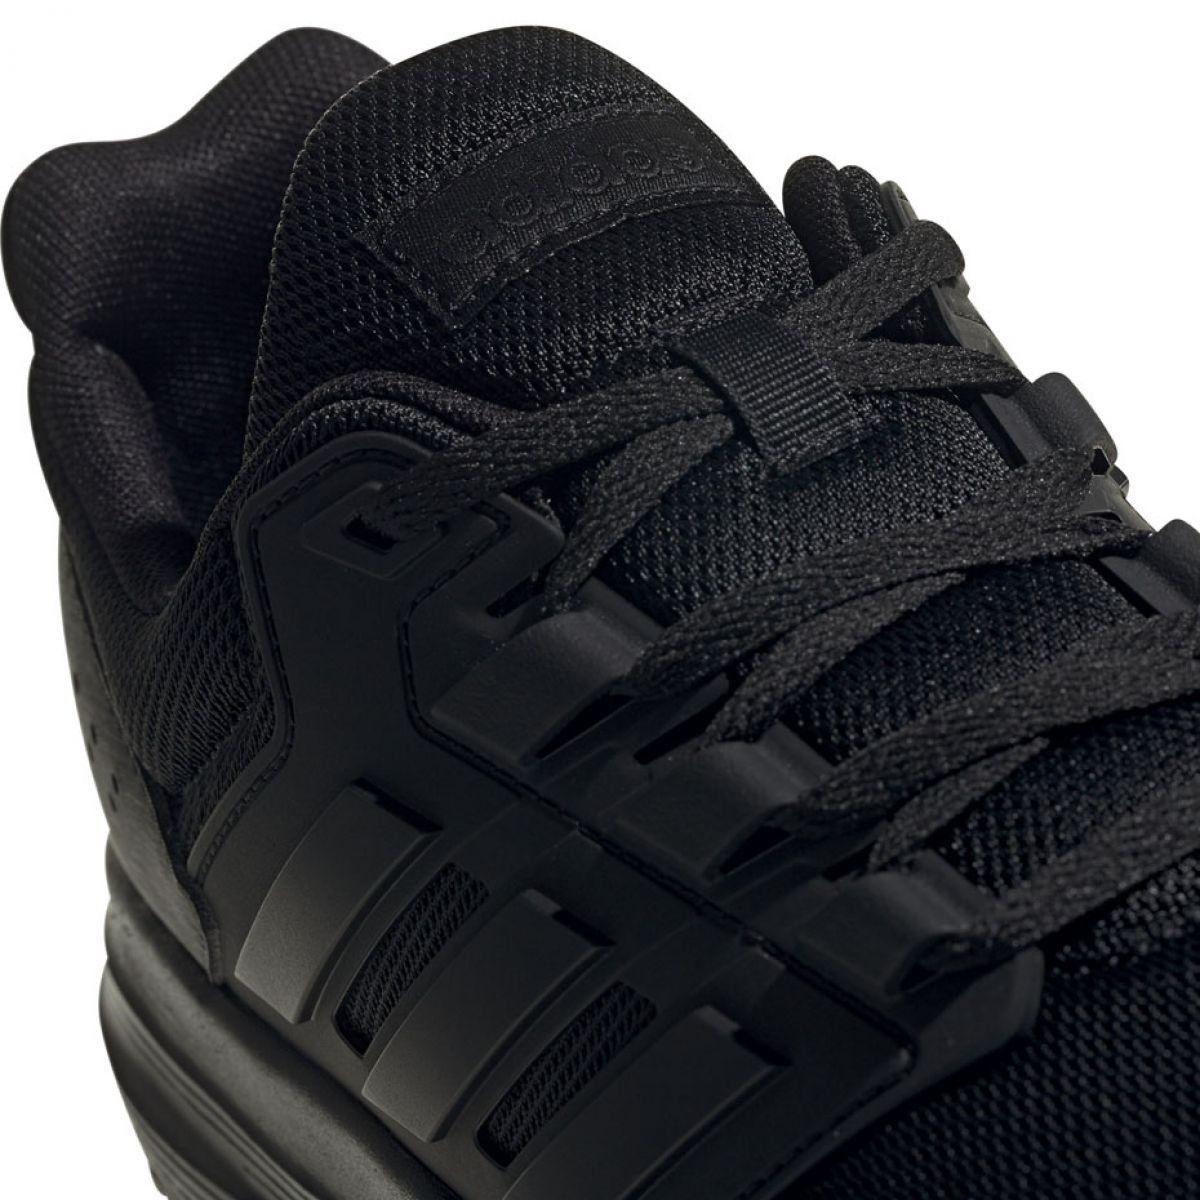 Buty biegowe adidas Galaxy 4 M EE7917 czarne Czarne buty